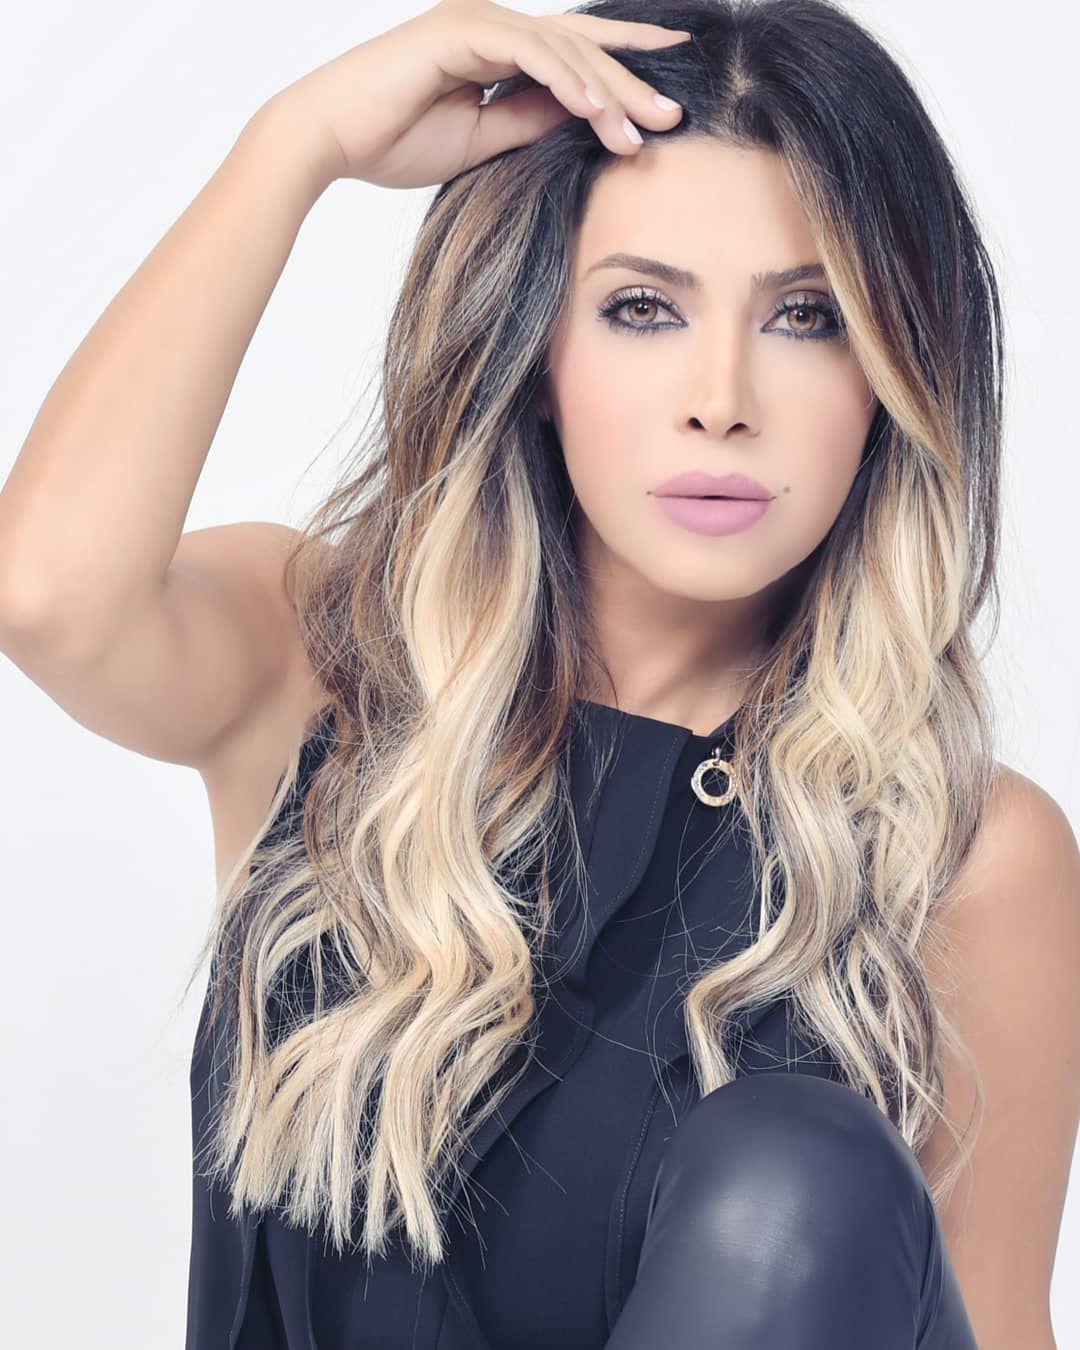 صور مكياج لبناني , جمال و رقة المكياج اللبناني